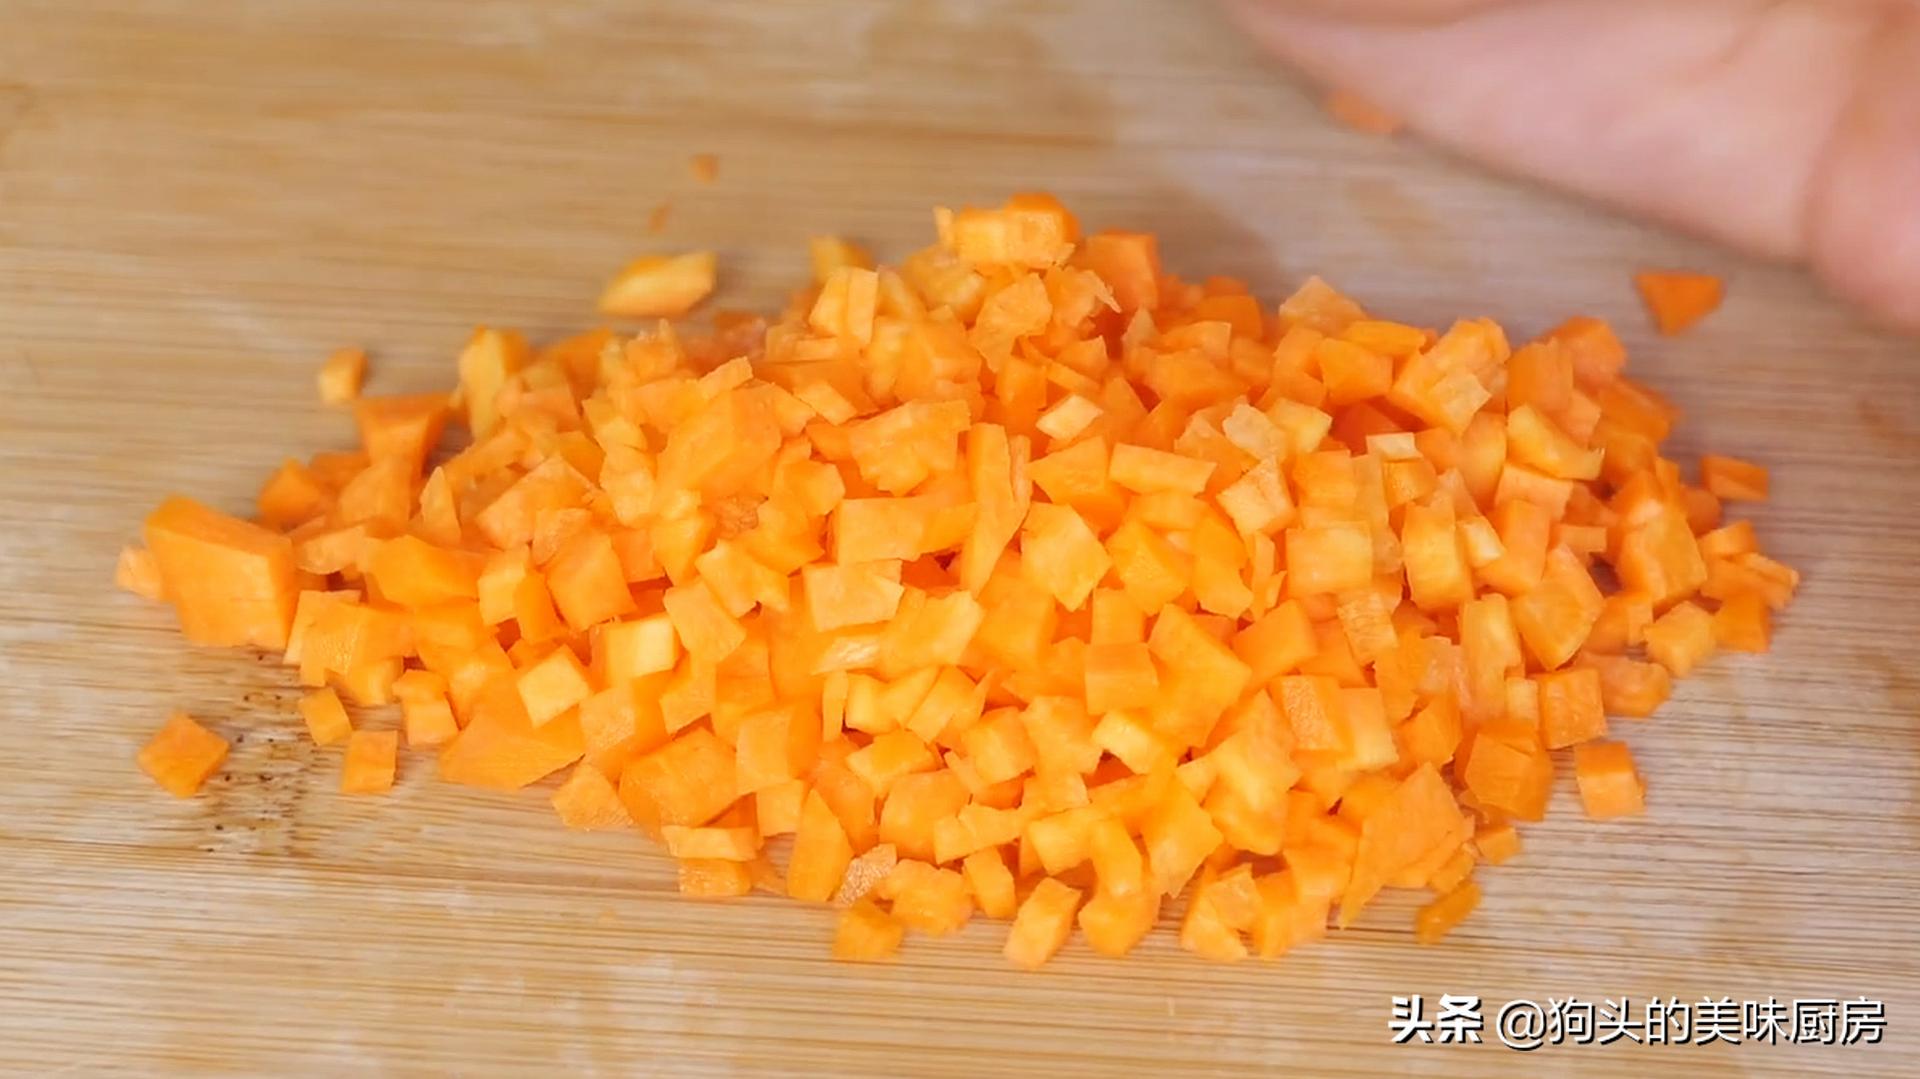 豆腐切成丁,不炒不煎不油炸,连吃一个月也不腻,营养丰富又美味 美食做法 第10张